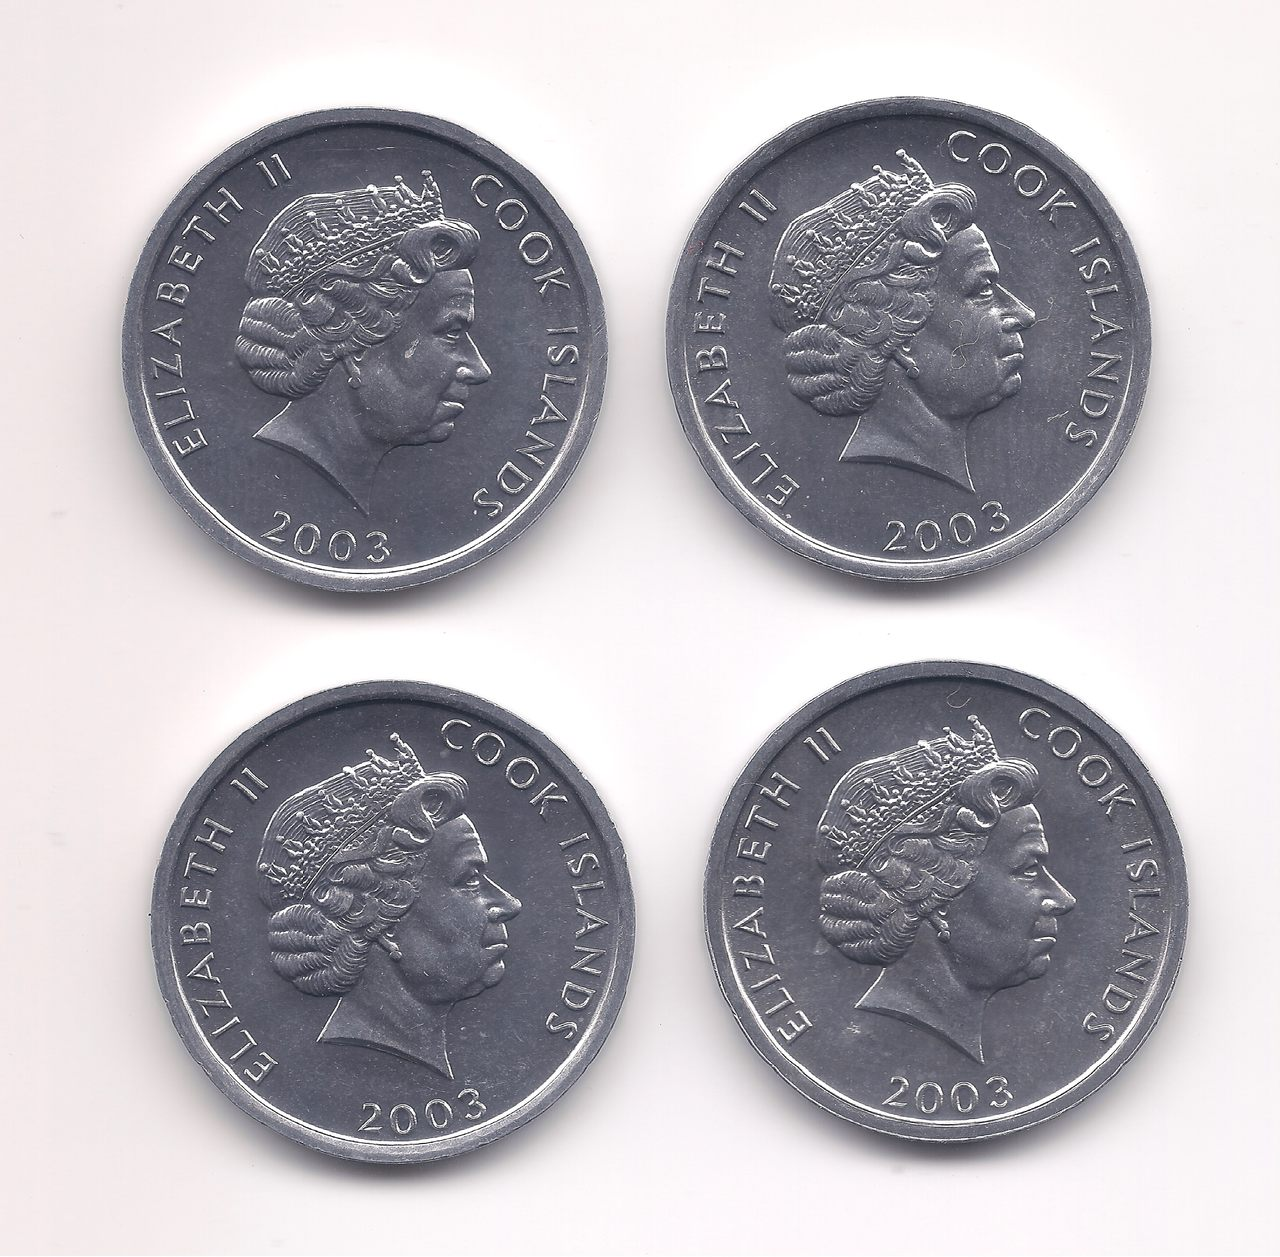 Série comemorativa 1 Cent  2003 - Ilhas Cook (4 pçs) SOB/FE